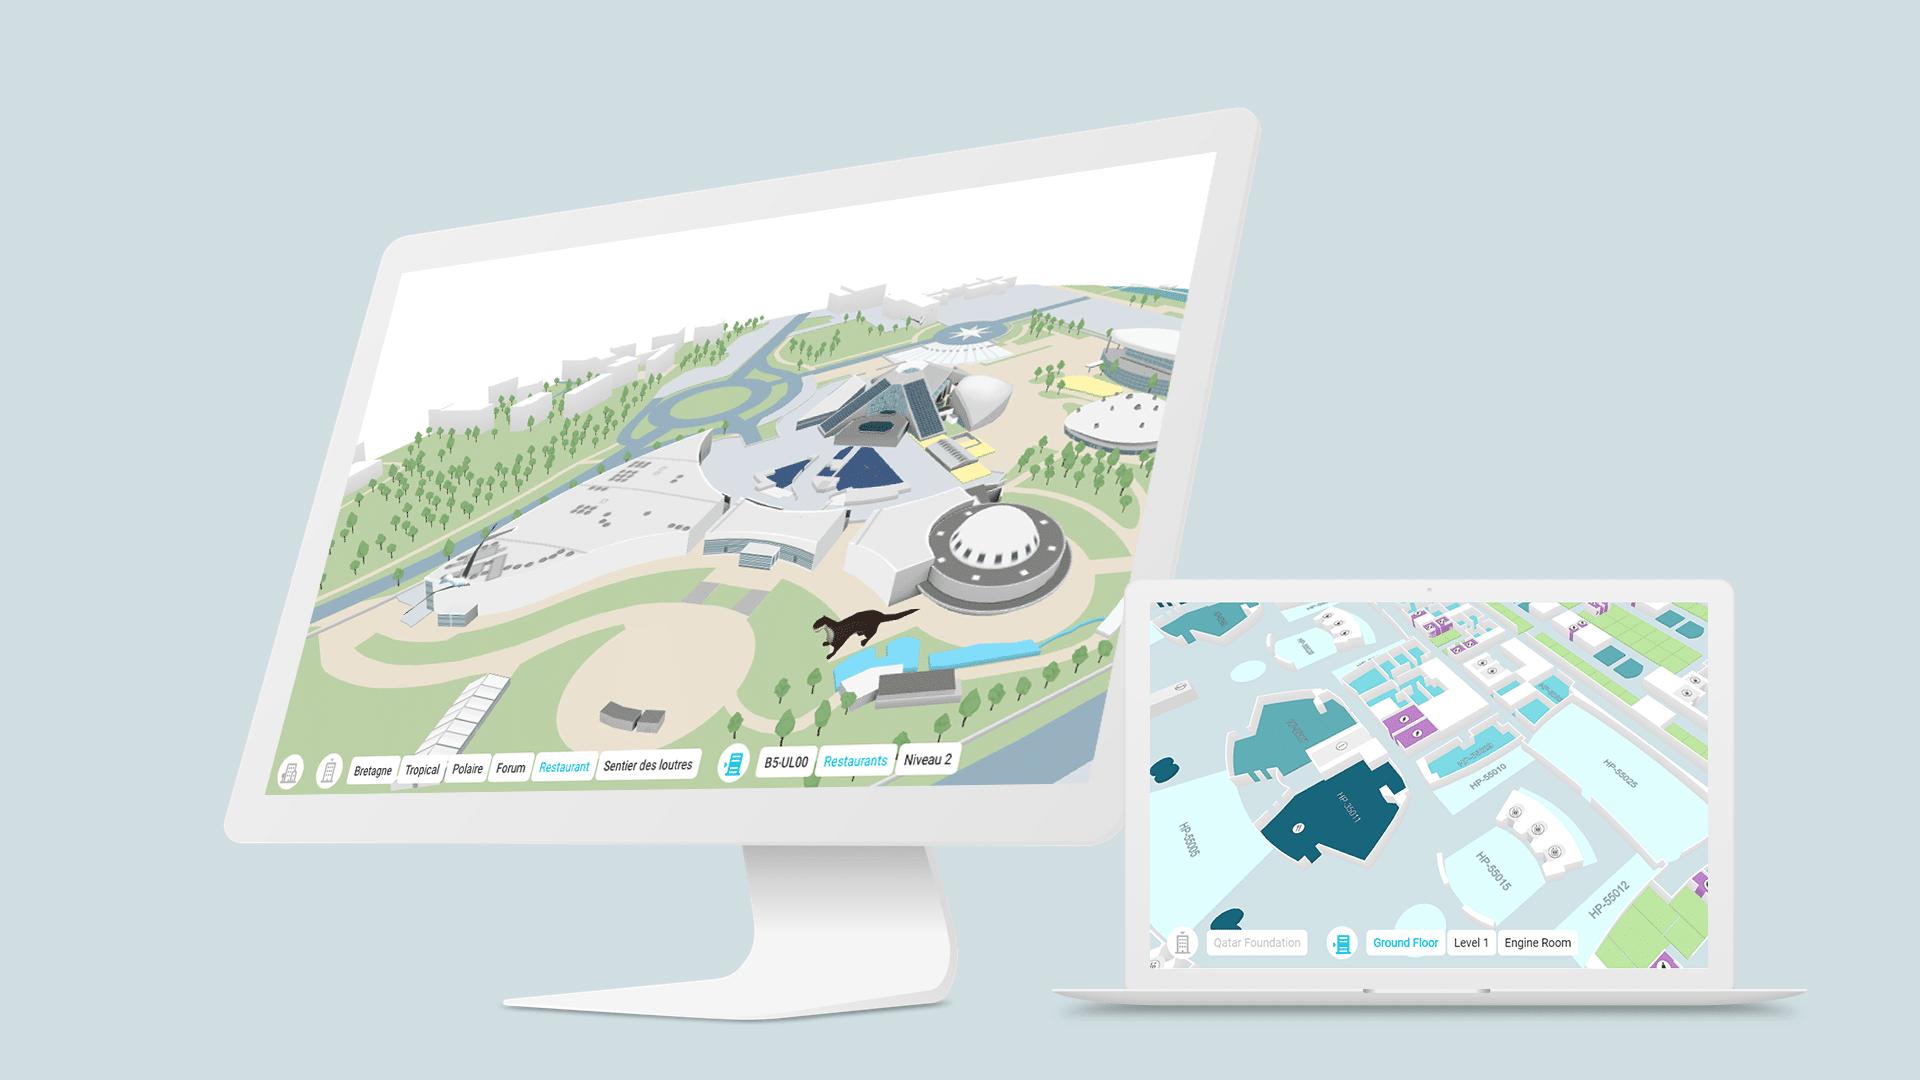 Les cartes de navigation interactives de Visioglobe intégrées par Orange Business Services pour redéfinir les espaces de travail